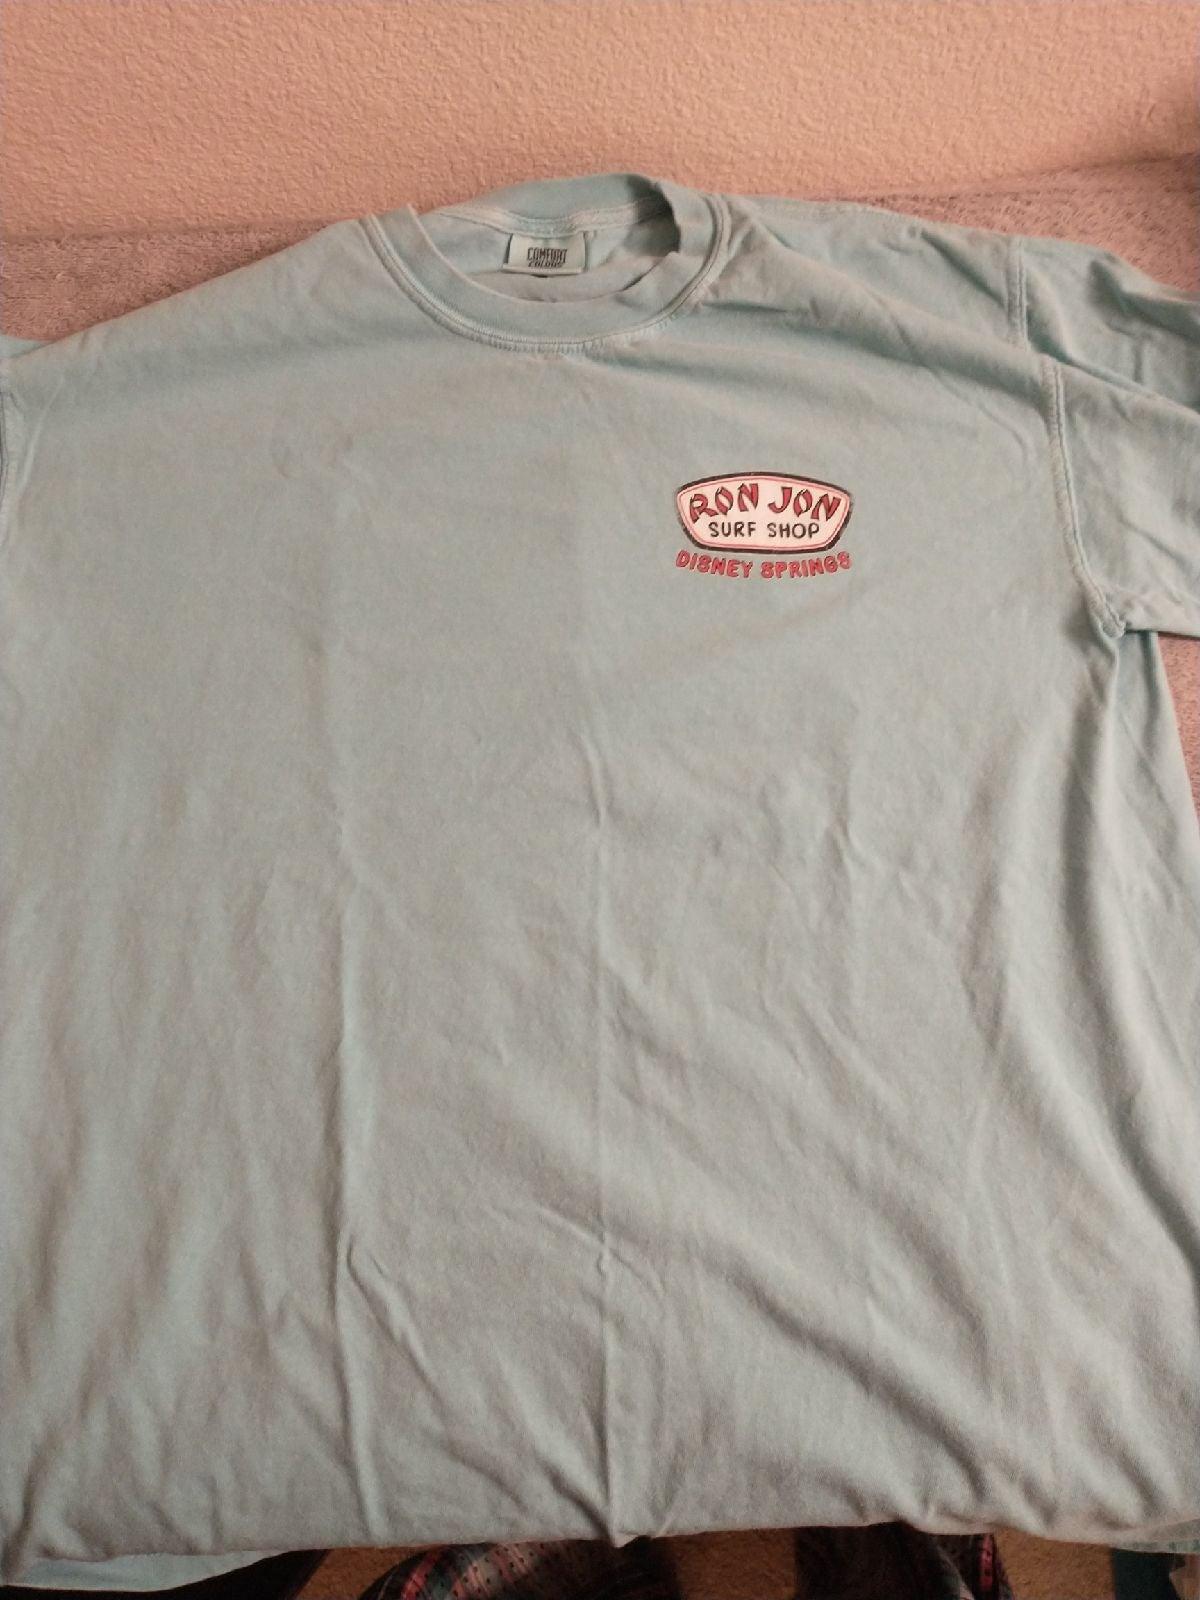 Ron Jon Disney Springs Teal shirt